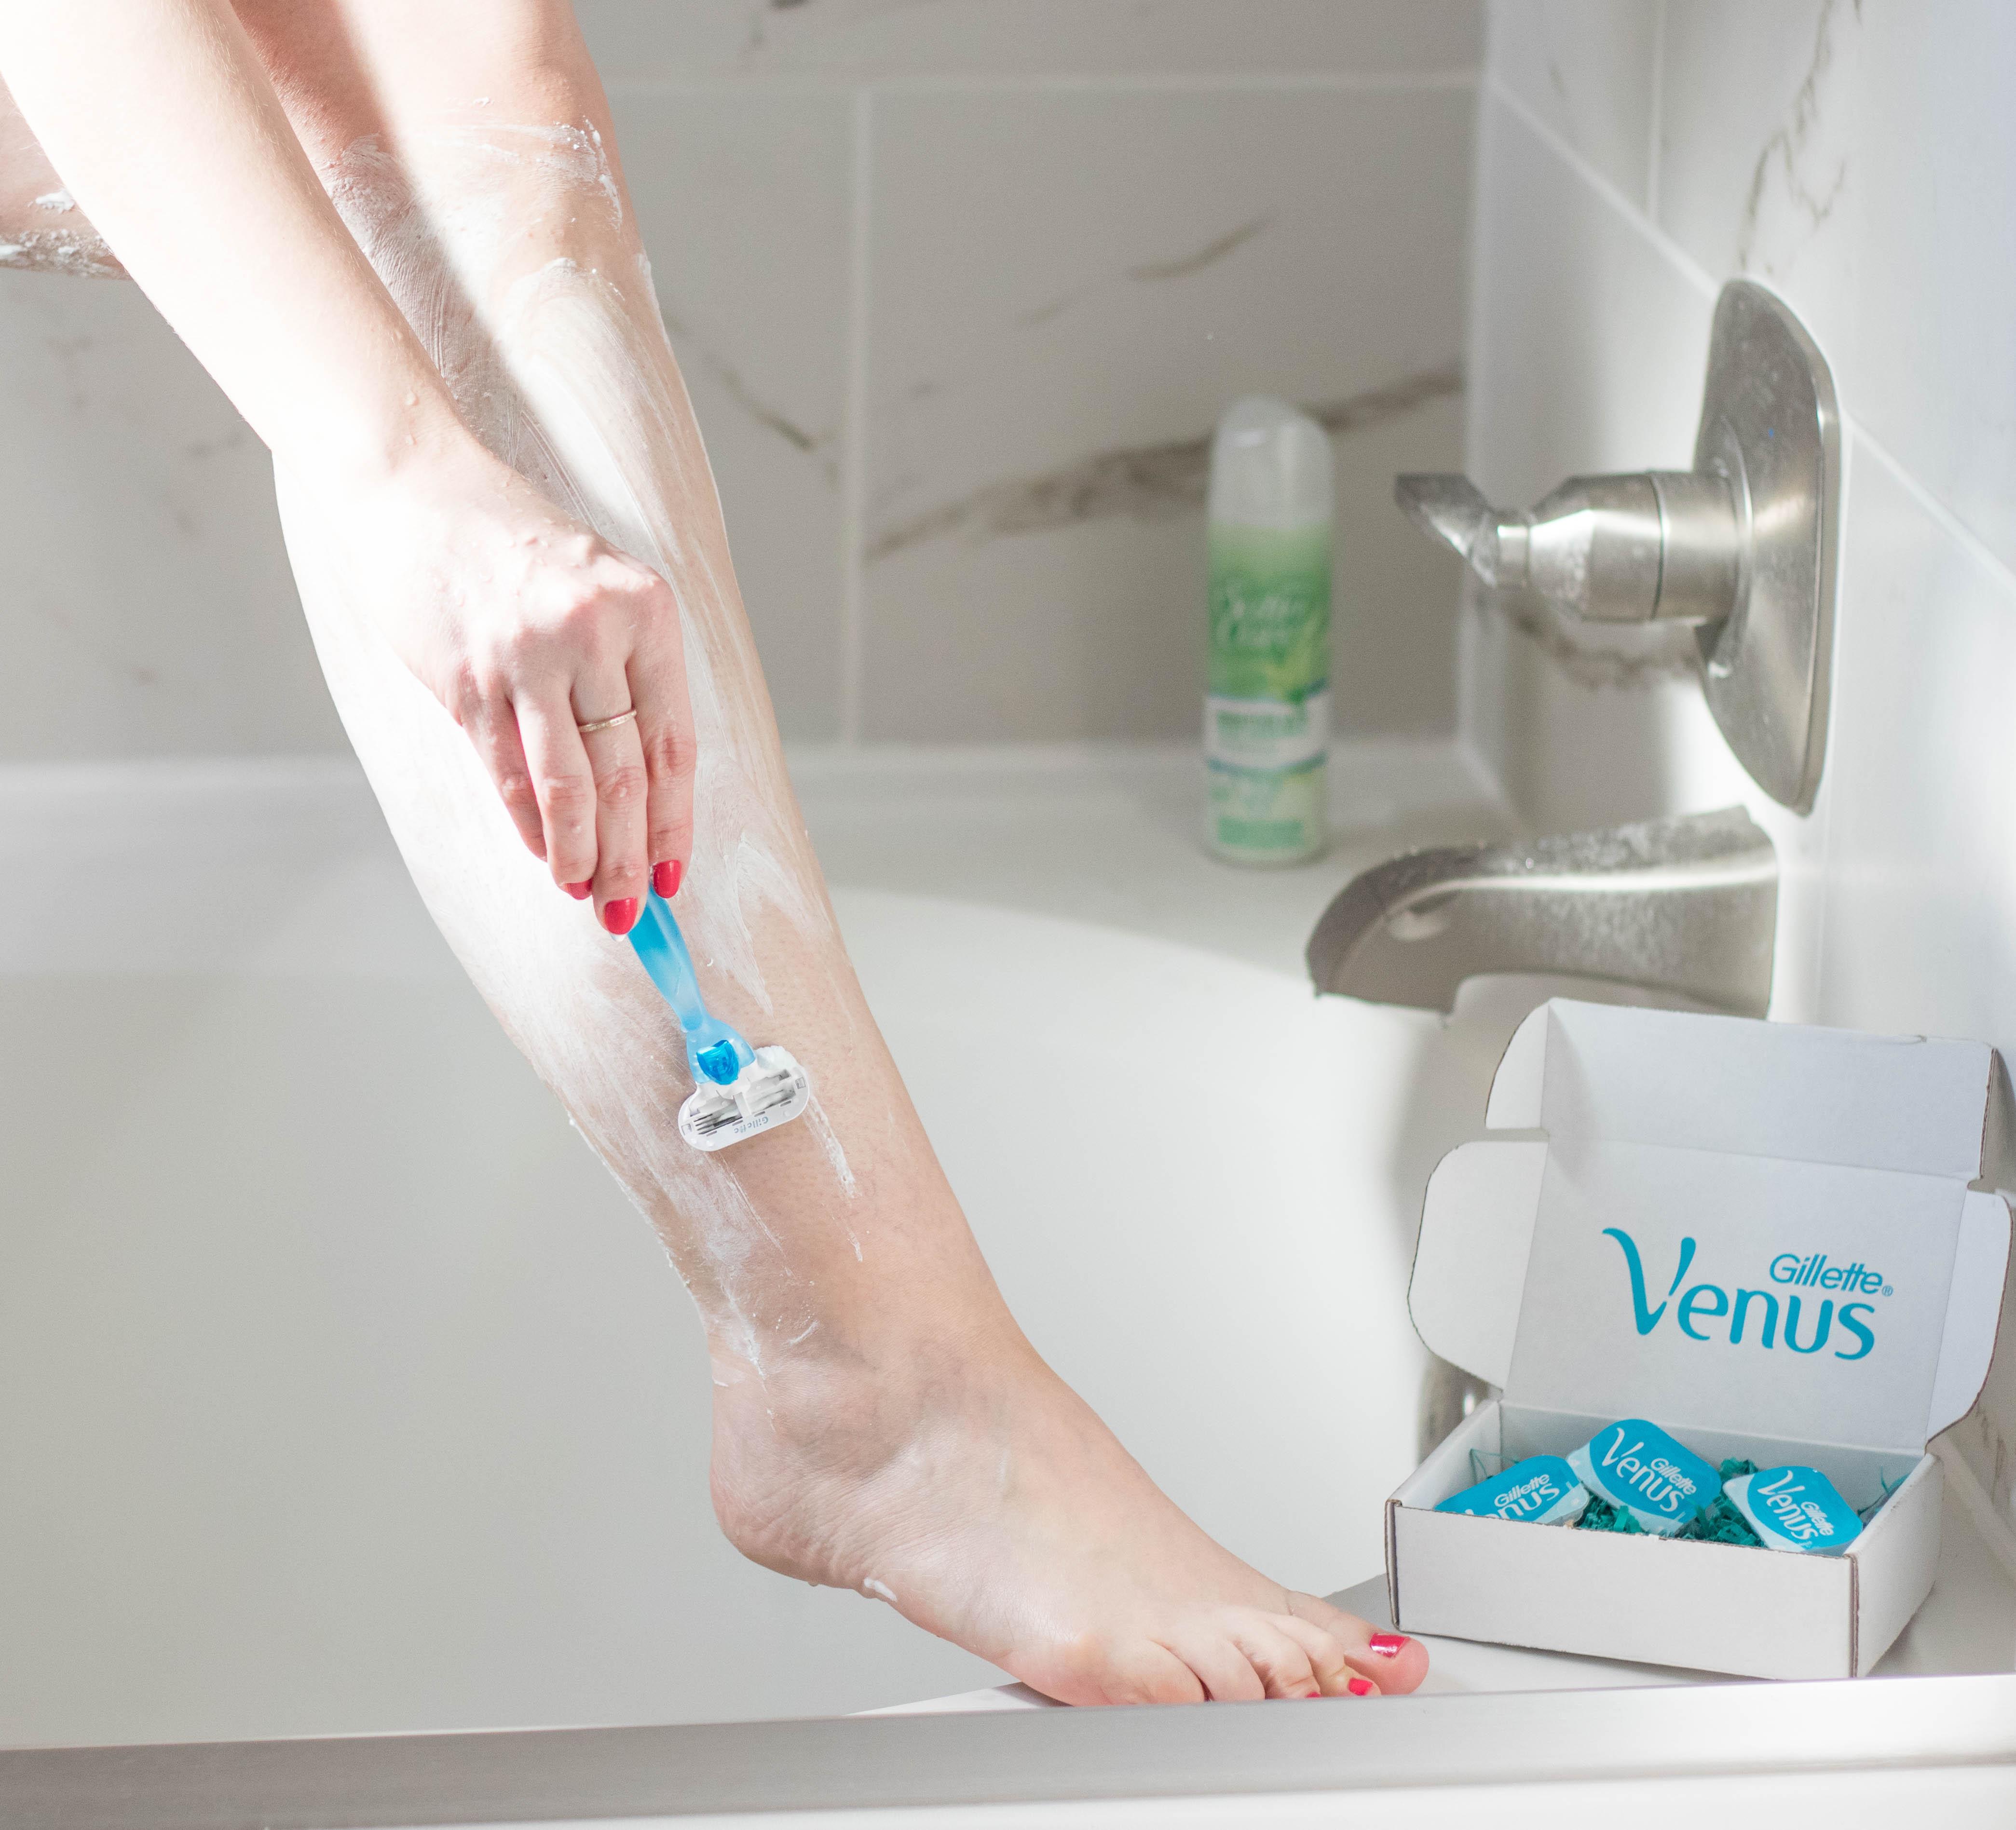 gilette's venus direct shave club #gilette #skincare #venusrazor